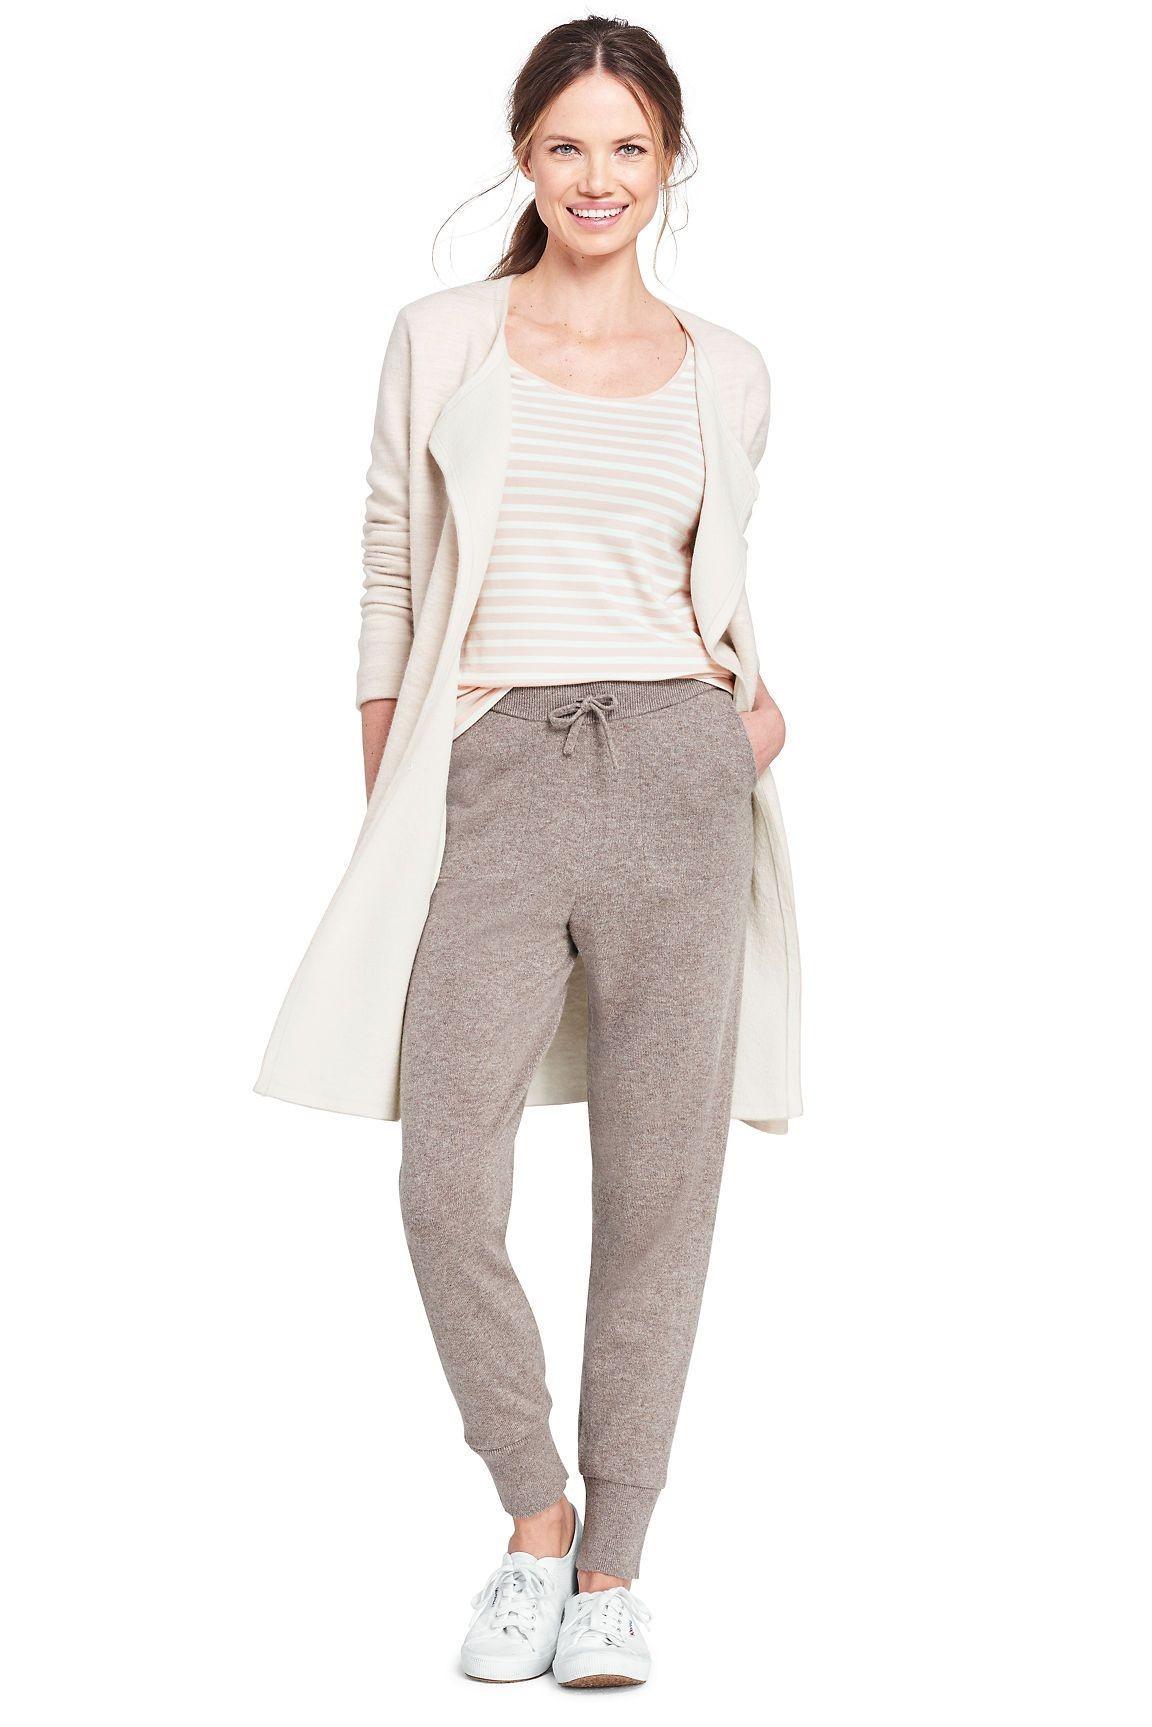 2 Pallets of Women's & Men's Pants, Activewear & More, 1, Good/Fair, Ext. Retail $53,676, Dodgeville, WI